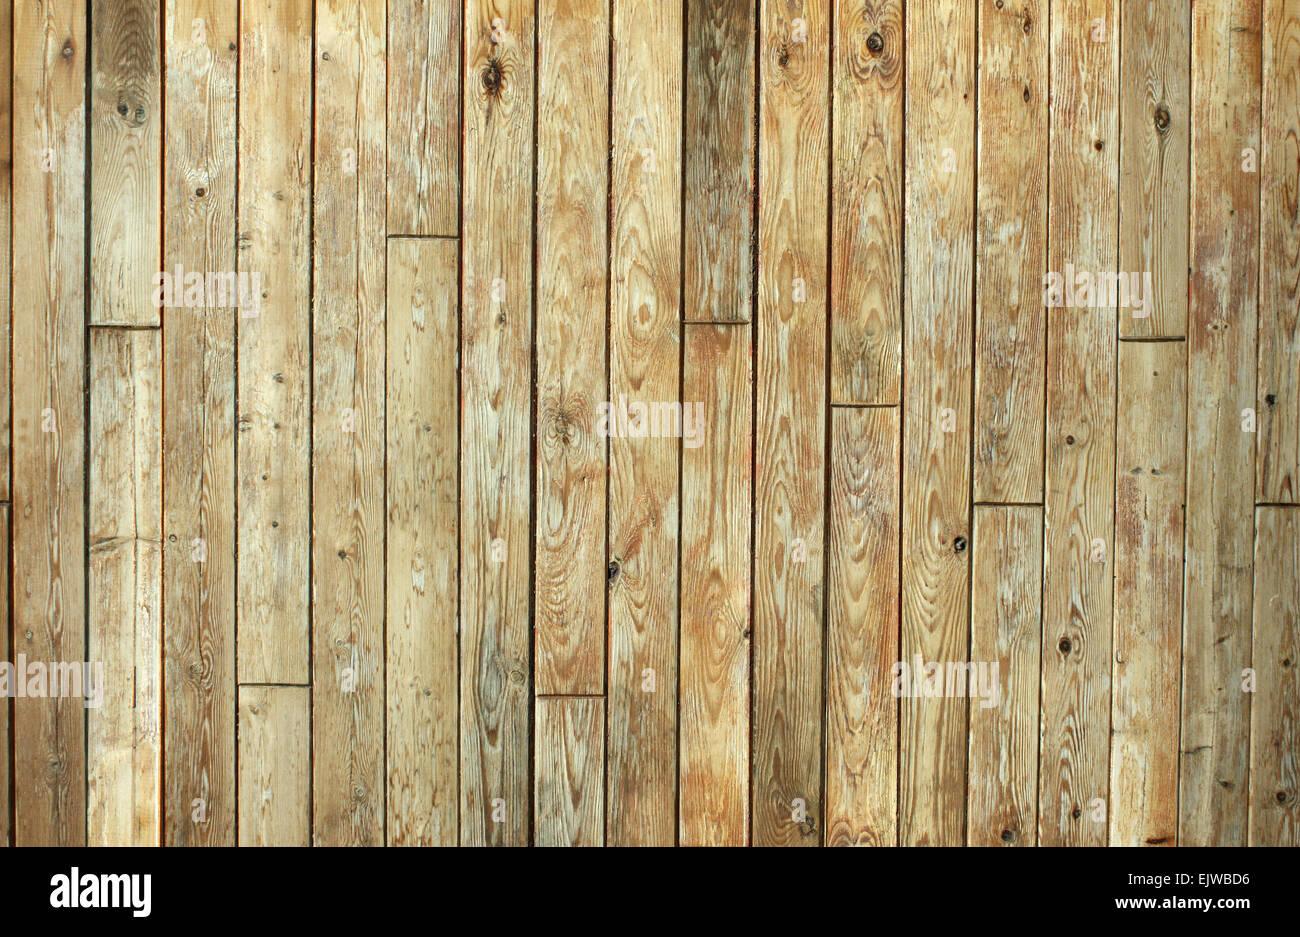 Vieilles planches de bois avec noeuds. Super pour l'arrière-plan de texture et de conception avec le bois. Photo Stock